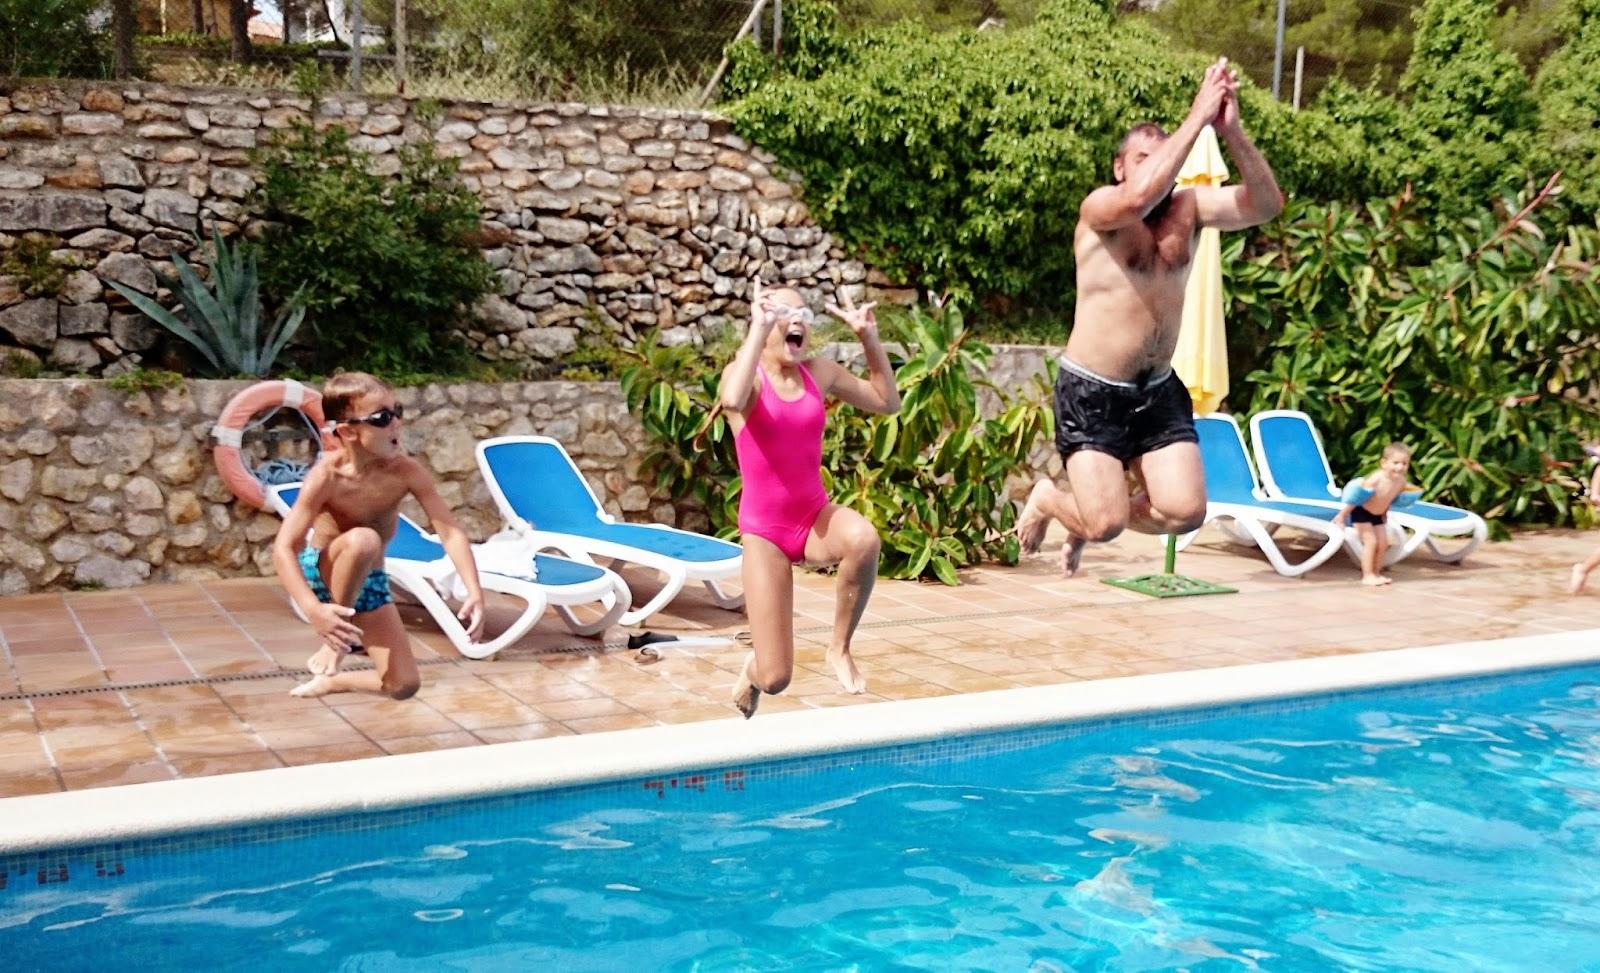 skoki do wody,skoki do basenu,salto,zabawne skoki do wody,hiszpania,espana,jak zrobić zdjęcie w ruchu